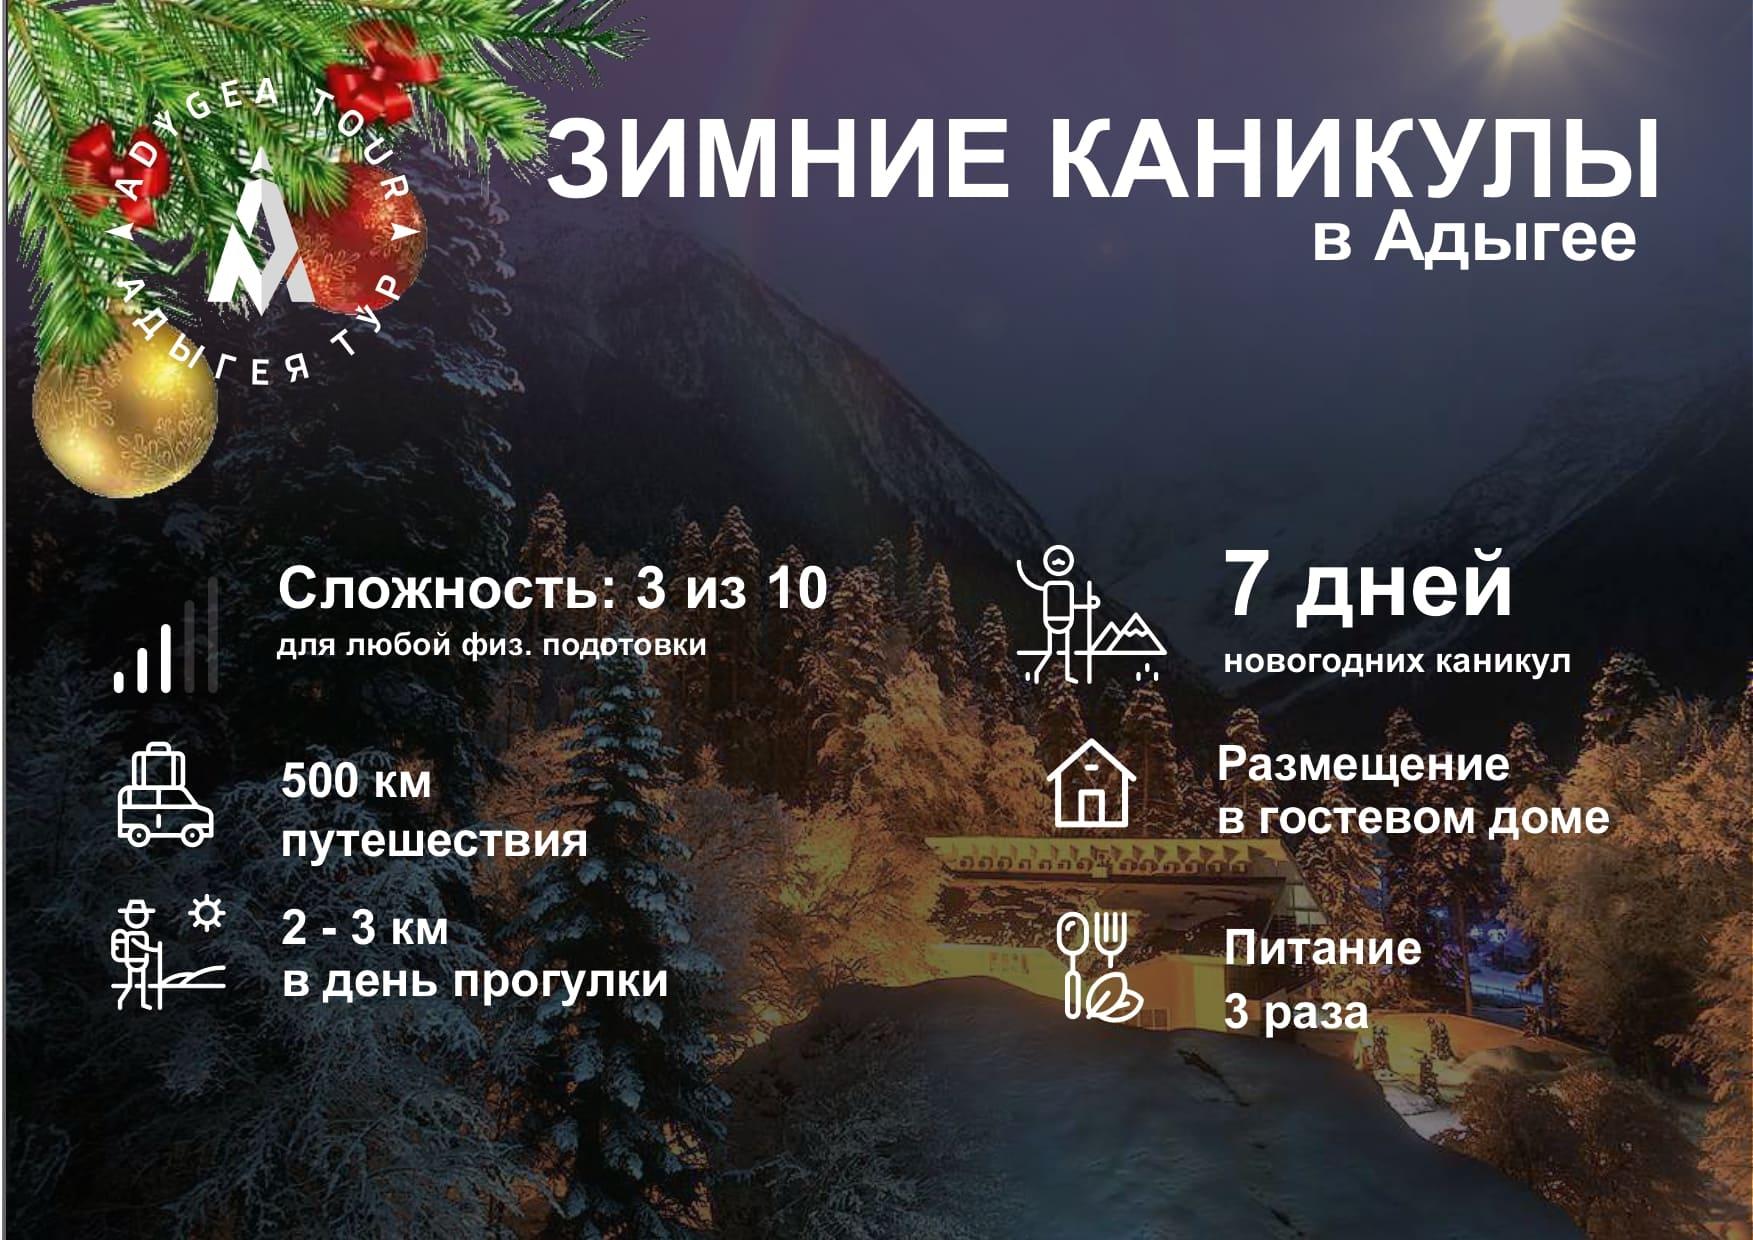 Каникулы Адыгея САЙТ 7 дн_page-0001 (1)